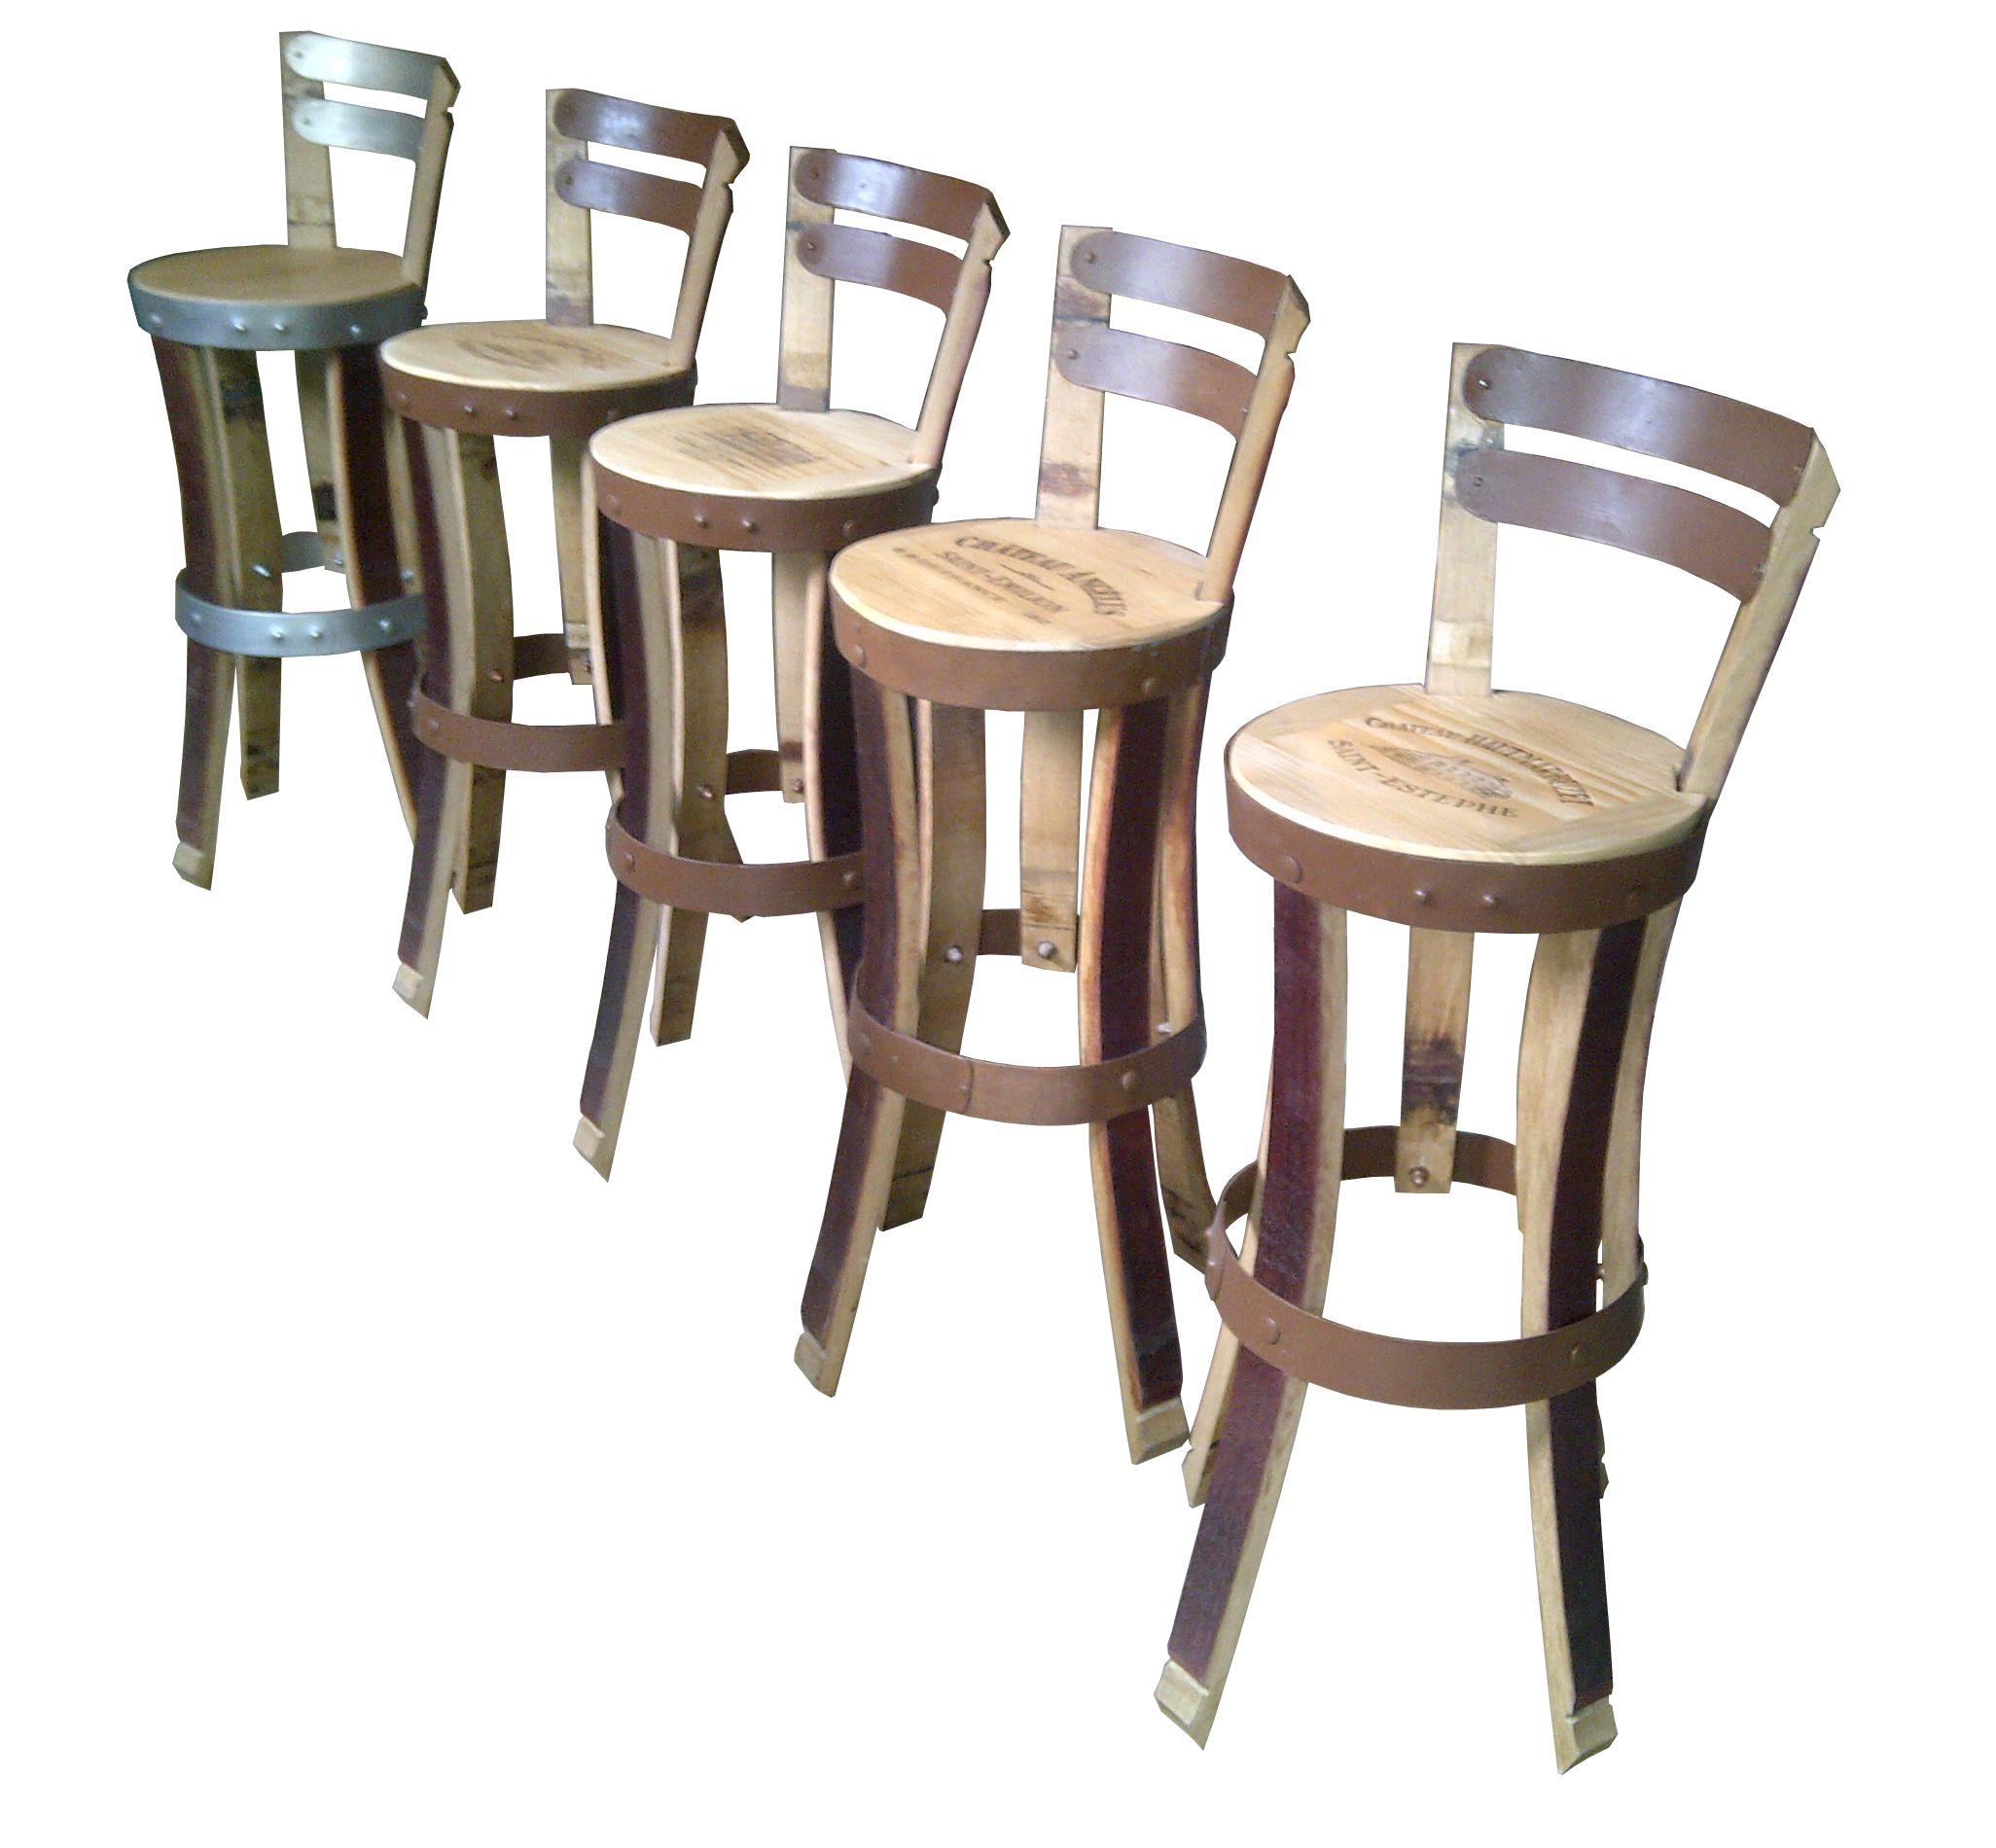 Chaise Haute De Bar Barrel S Furniture Hight Chair Chaise De Bar Realise En Douelle E Tonneaux M Wine Barrel Chairs Wine Crate Table Wine Barrel Furniture